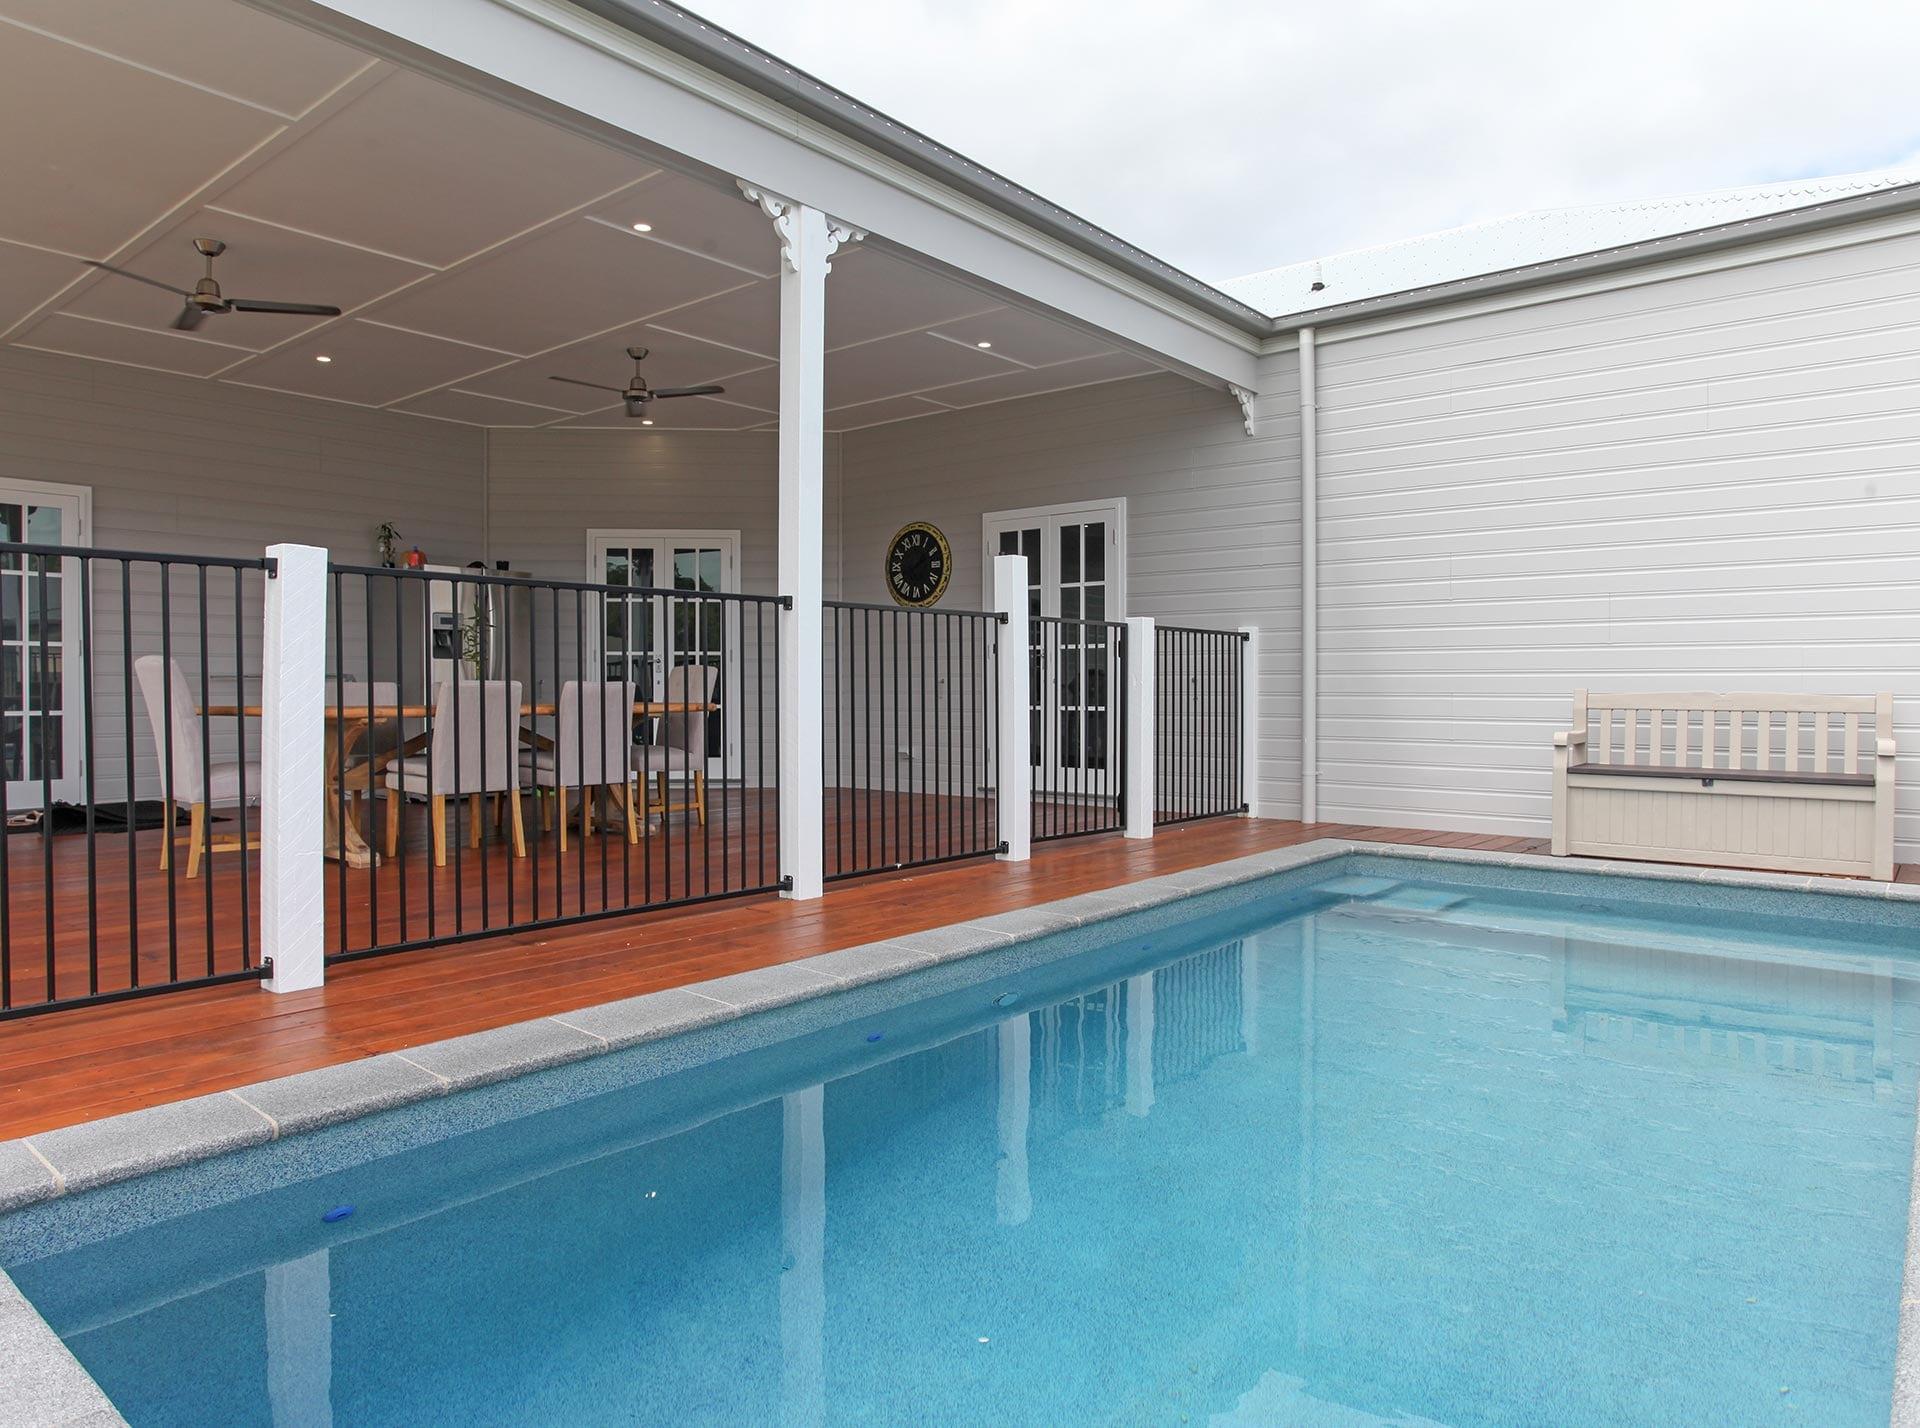 Beames pool